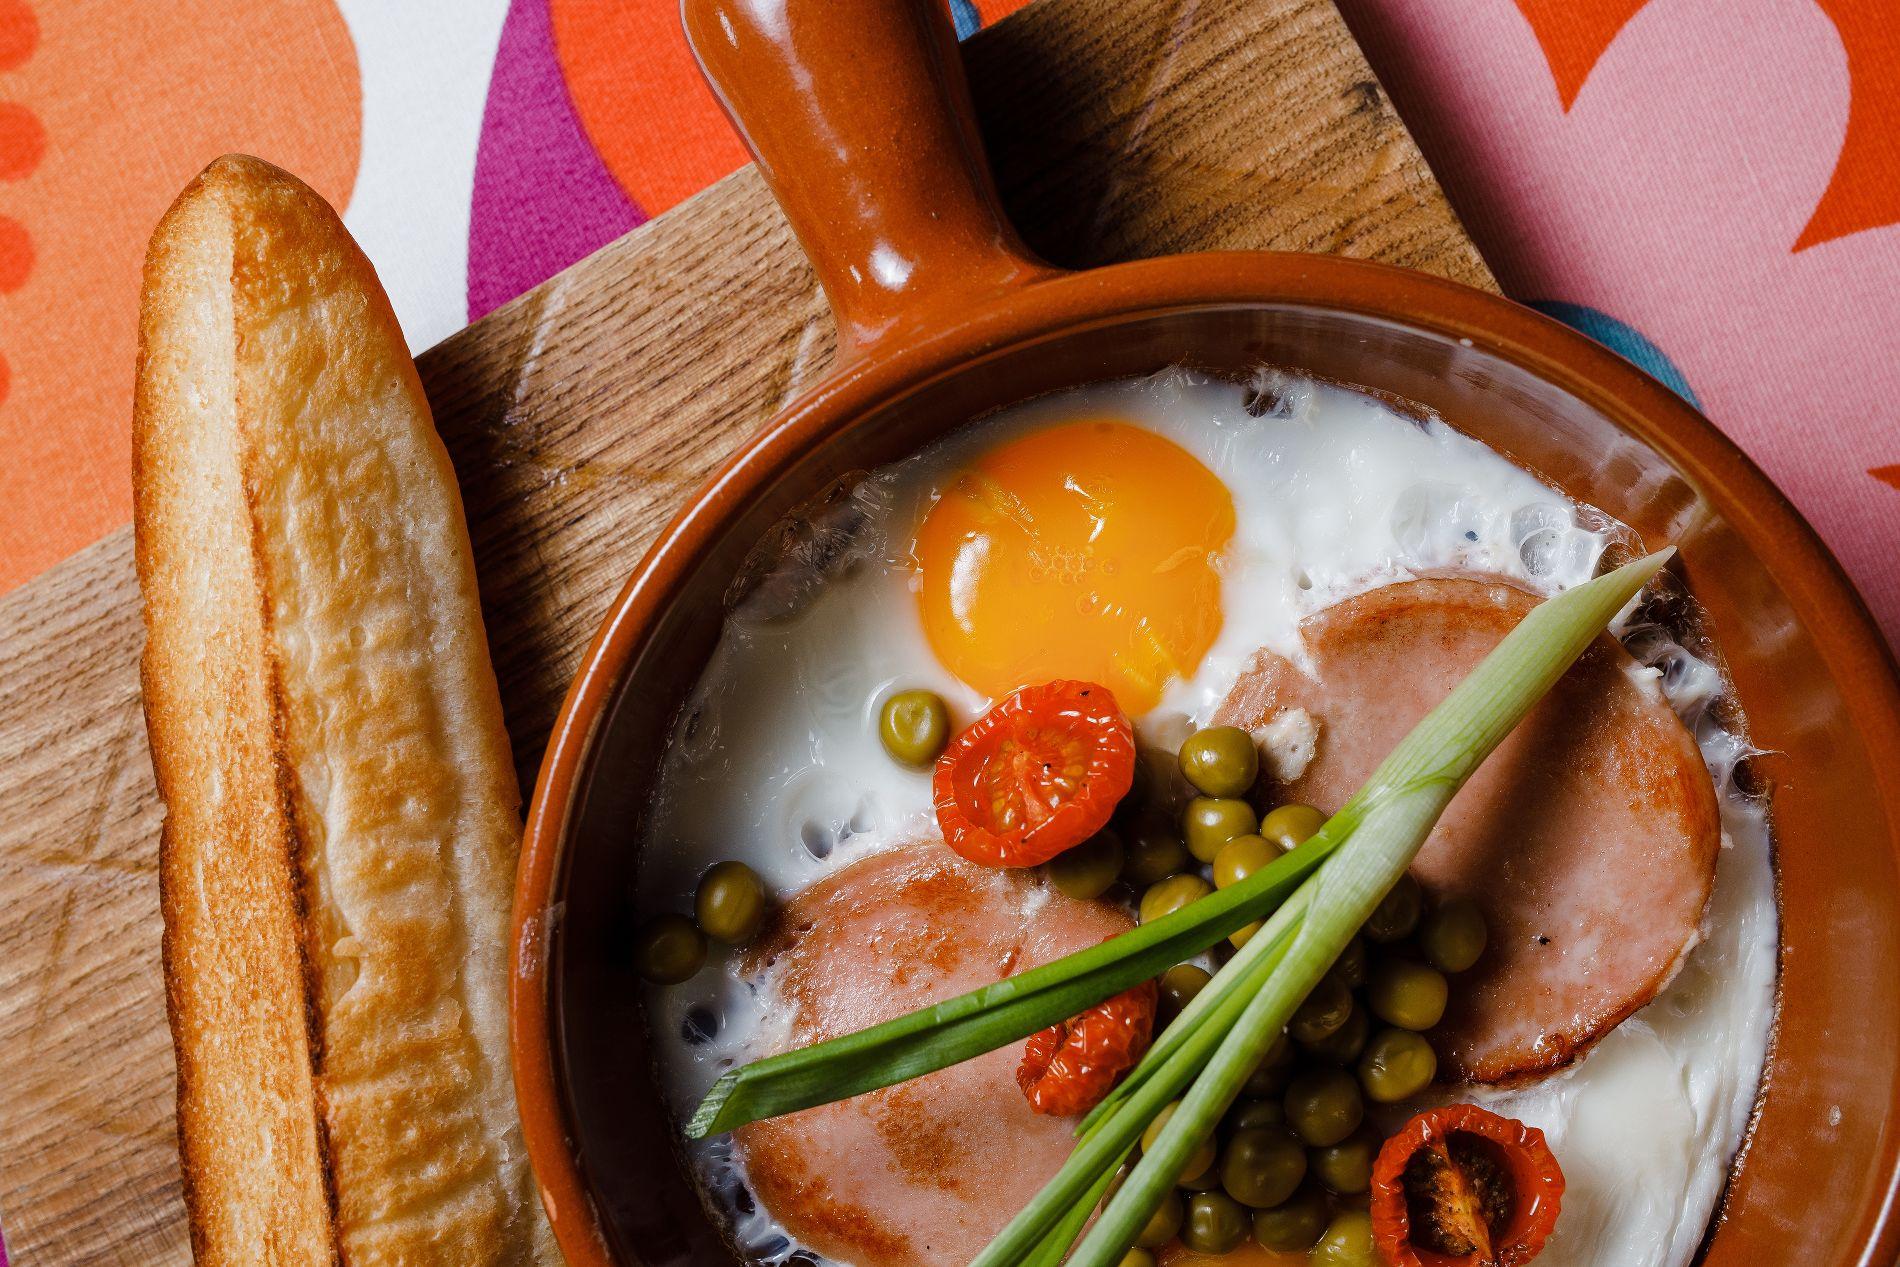 Яичница-глазунья с докторской колбасой, горошком, хлебом и луком ©Фотография предоставлена рестораном «Пиноккио Djan»